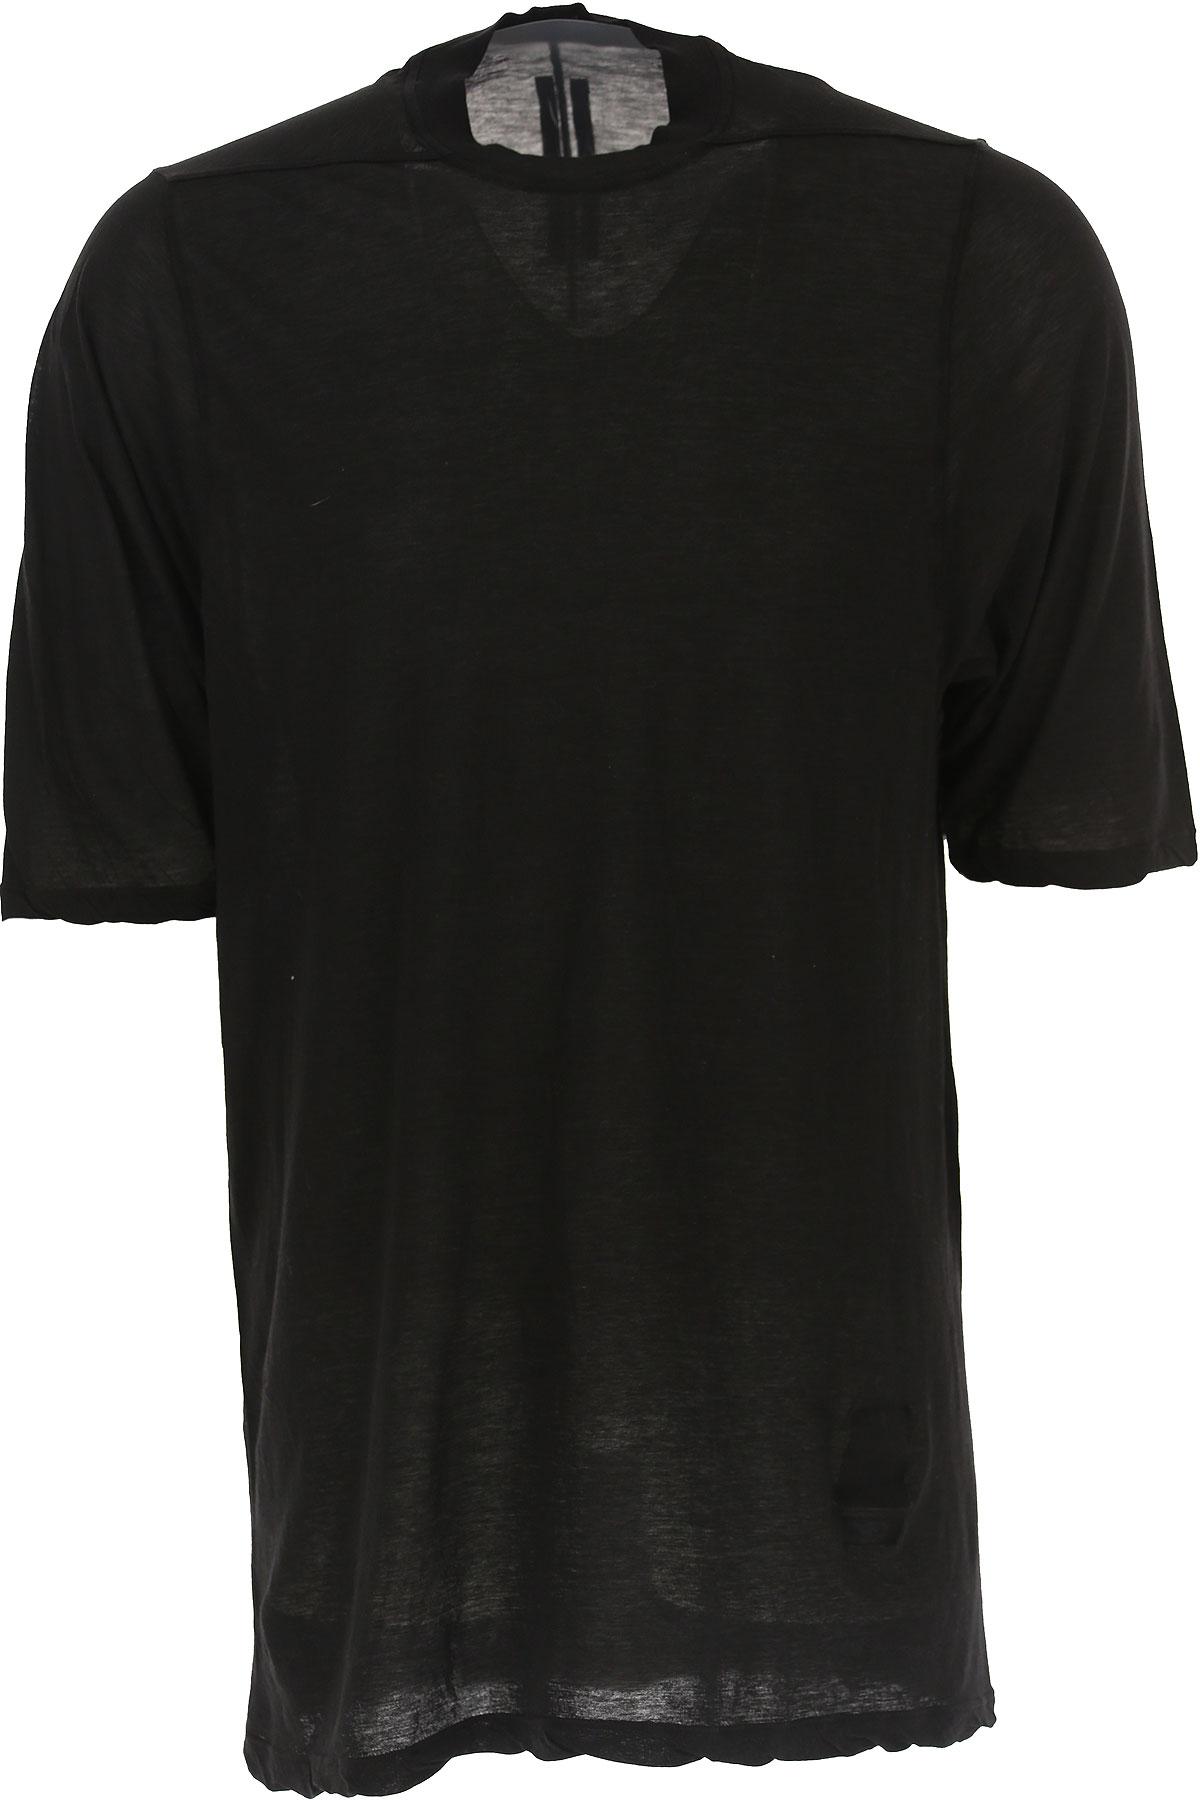 Rick Owens DRKSHDW T-Shirt for Men On Sale in Outlet, Black, Black, 2019